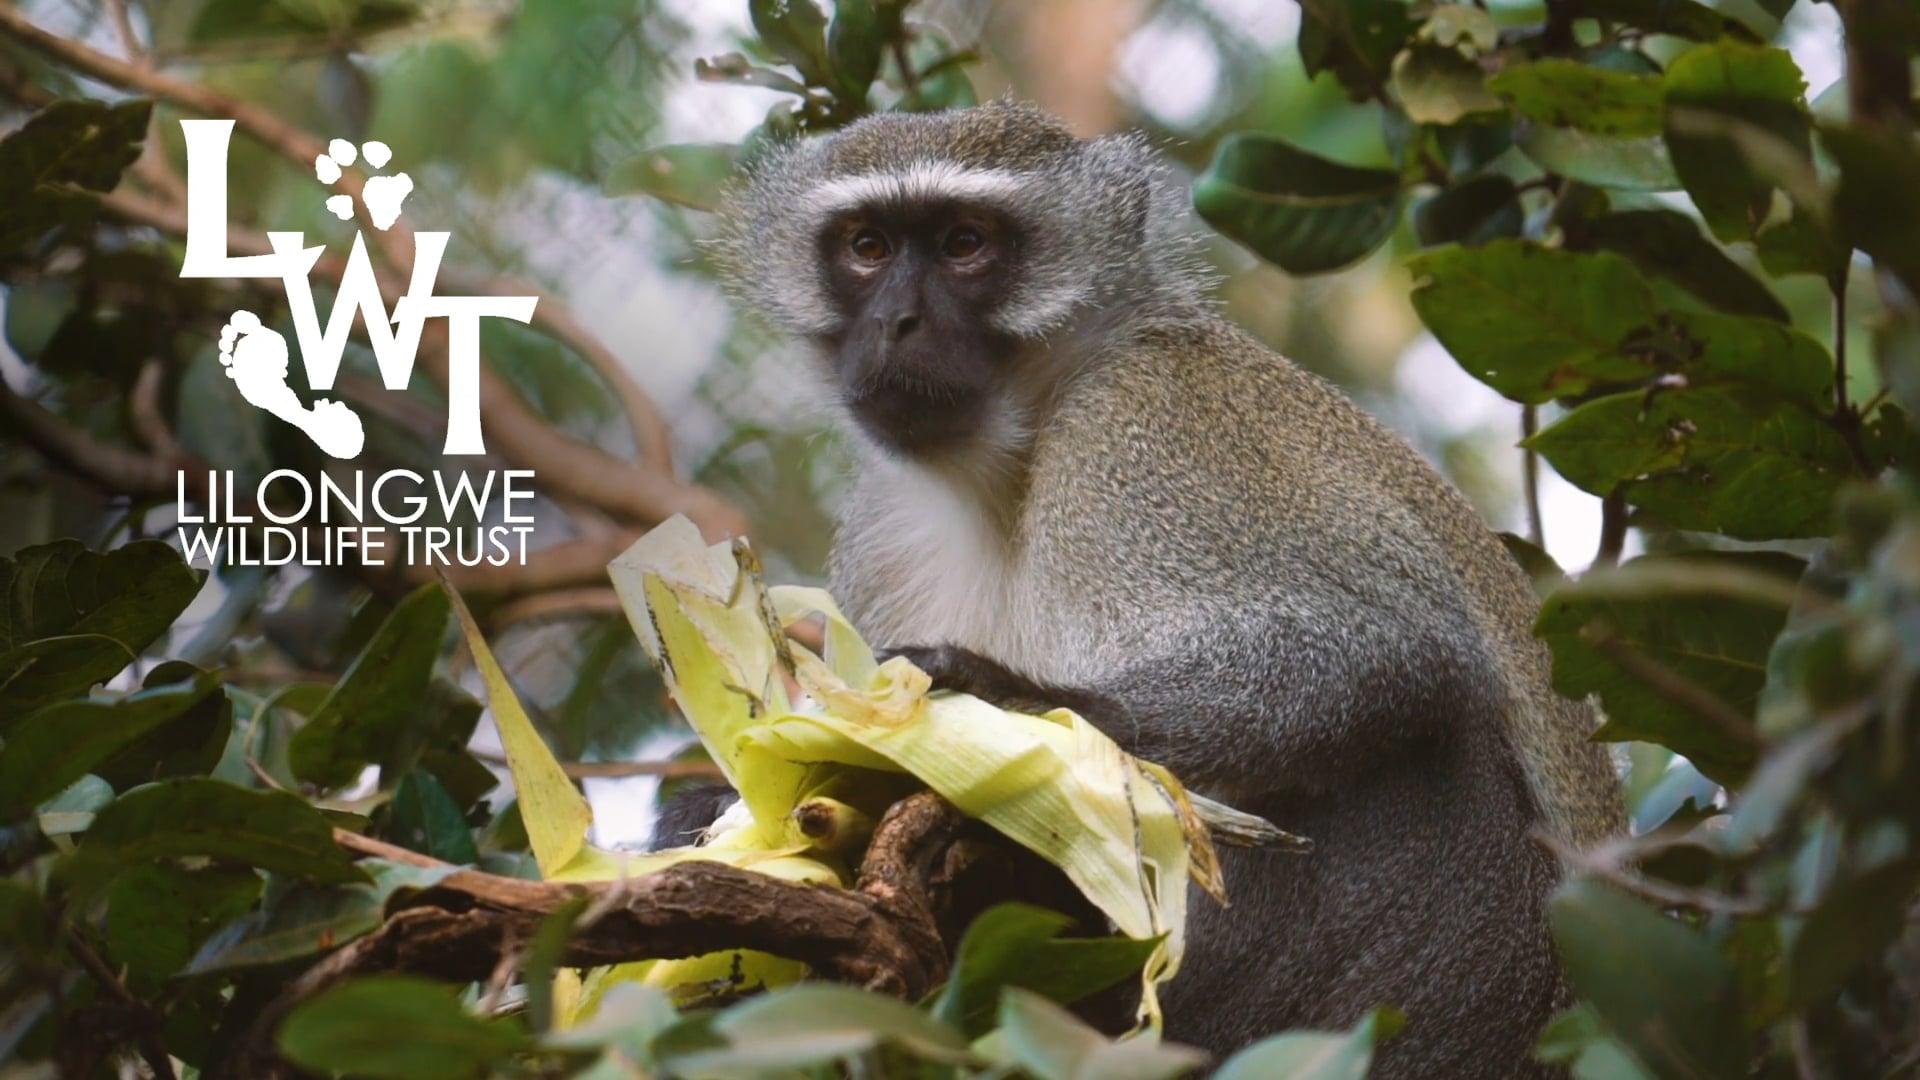 Lilongwe Wildlife Volunteer Experience